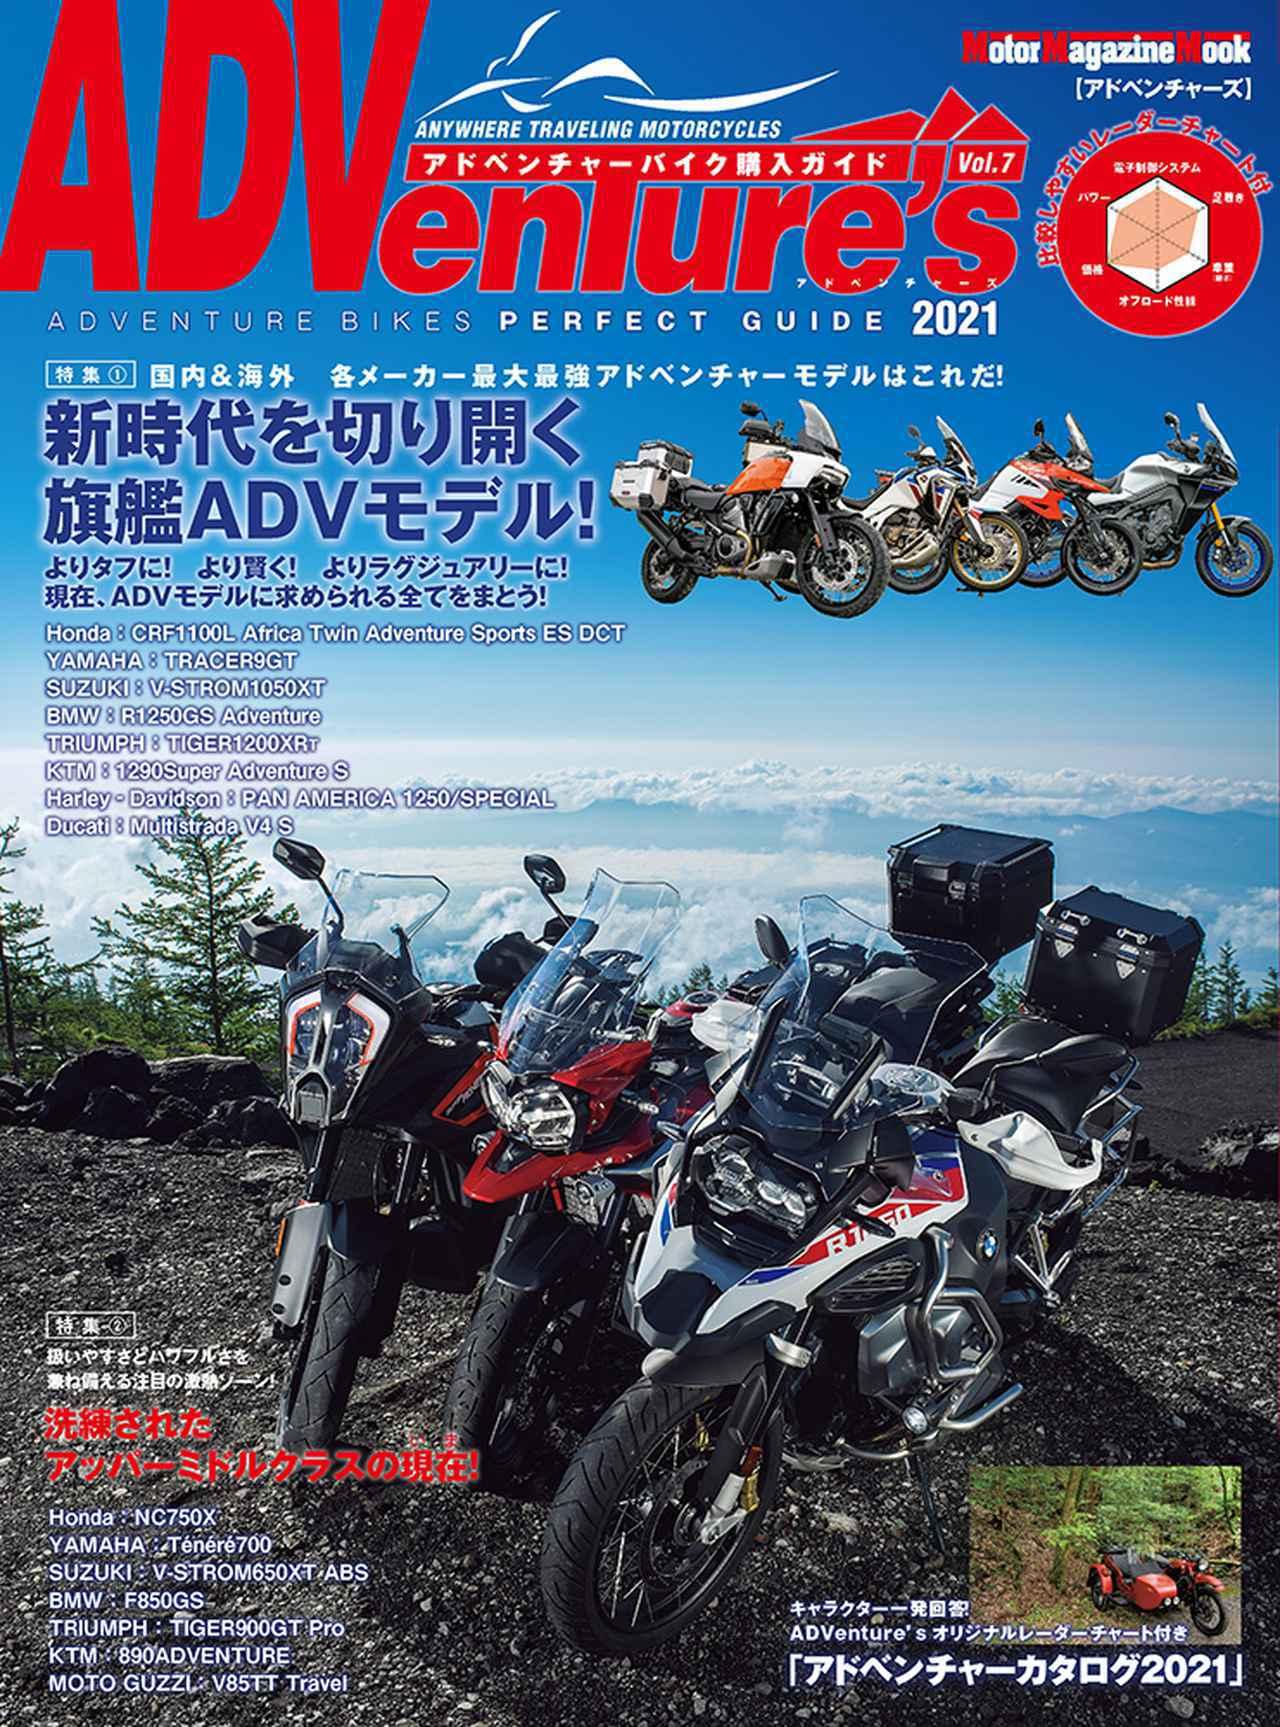 画像2: 最新アドベンチャーバイクを徹底解説!『アドベンチャーズ 2021』発売|丸ごと一冊、冒険ADVモデル大特集